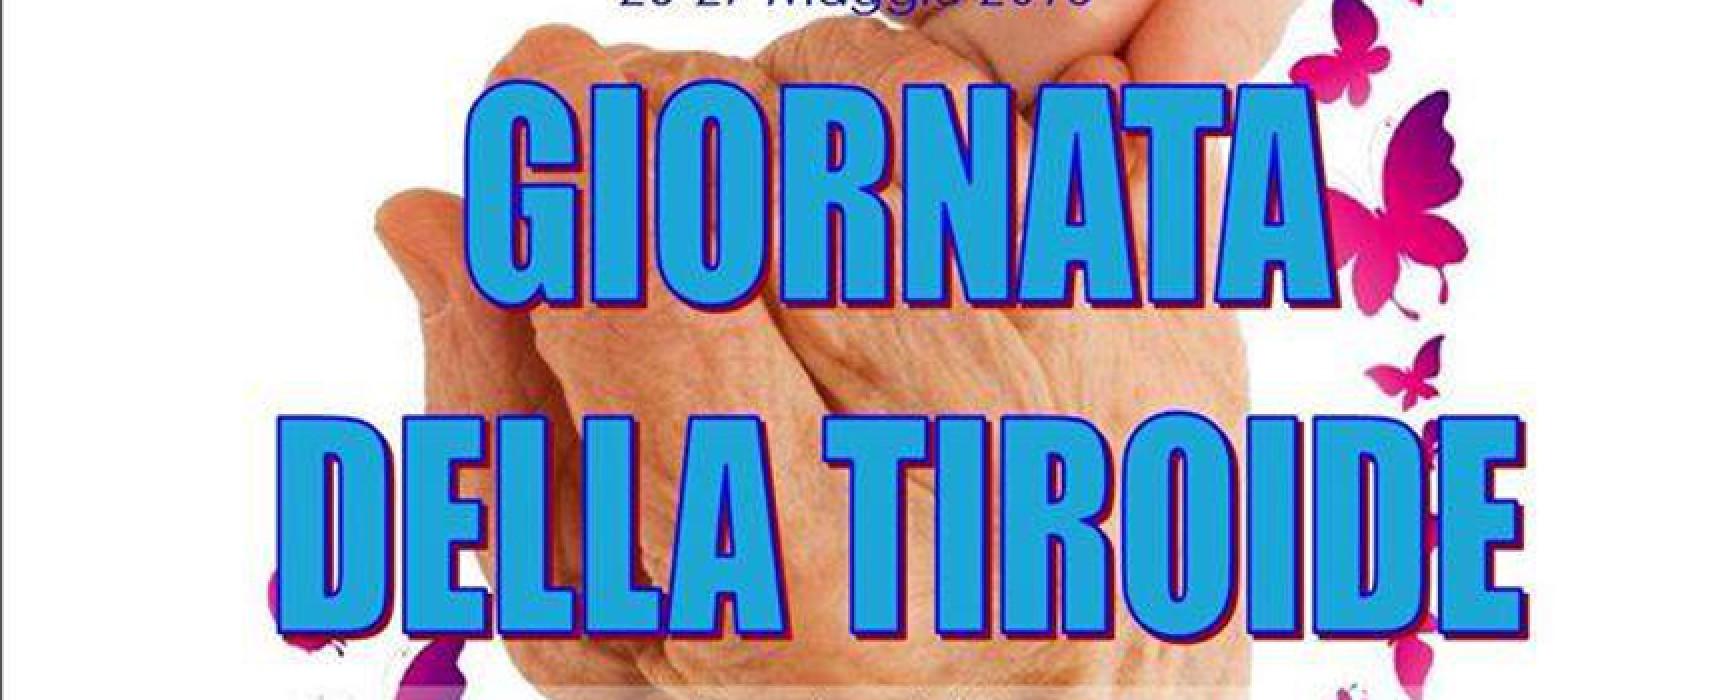 Giornata mondiale della tiroide: visite ed ecografie gratuite domenica 22 maggio